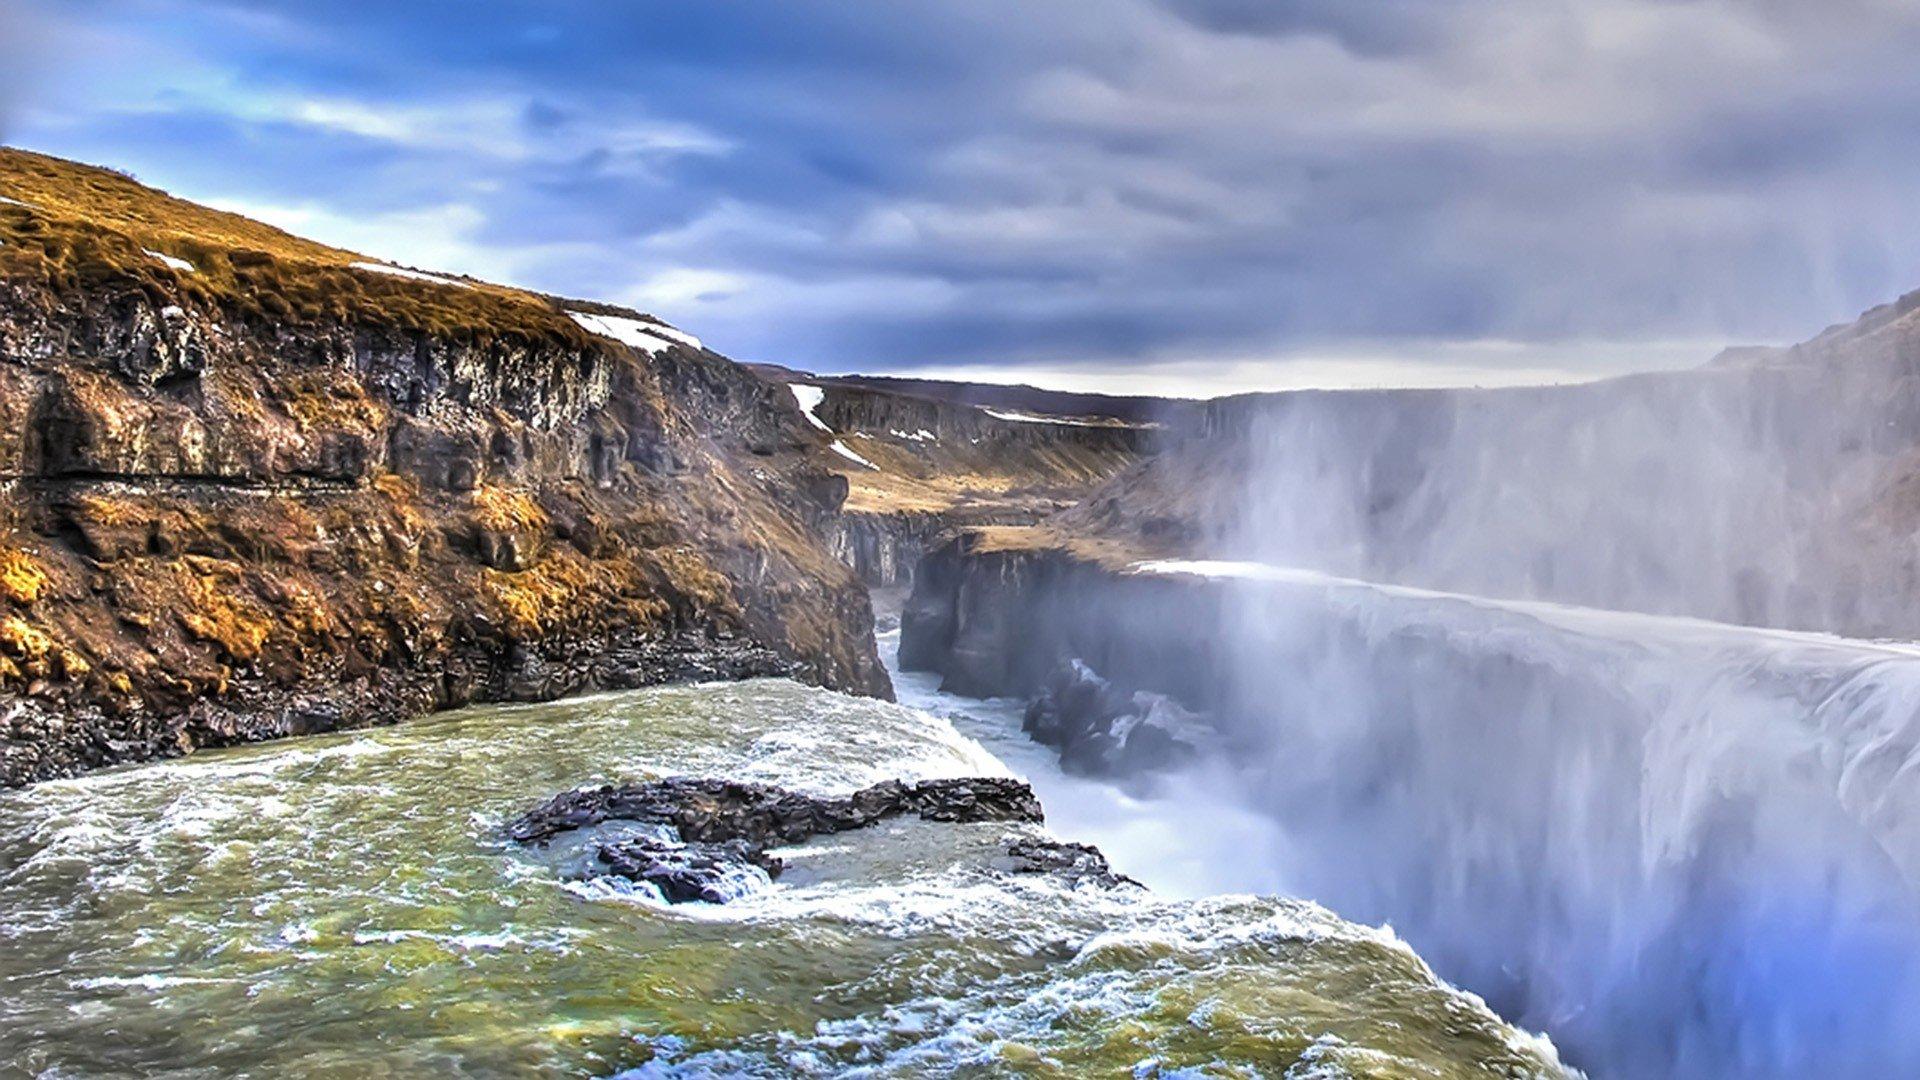 Wallpaper Of Water Fall Water Iceland Gullfoss Falling Wallpaper 1920x1080